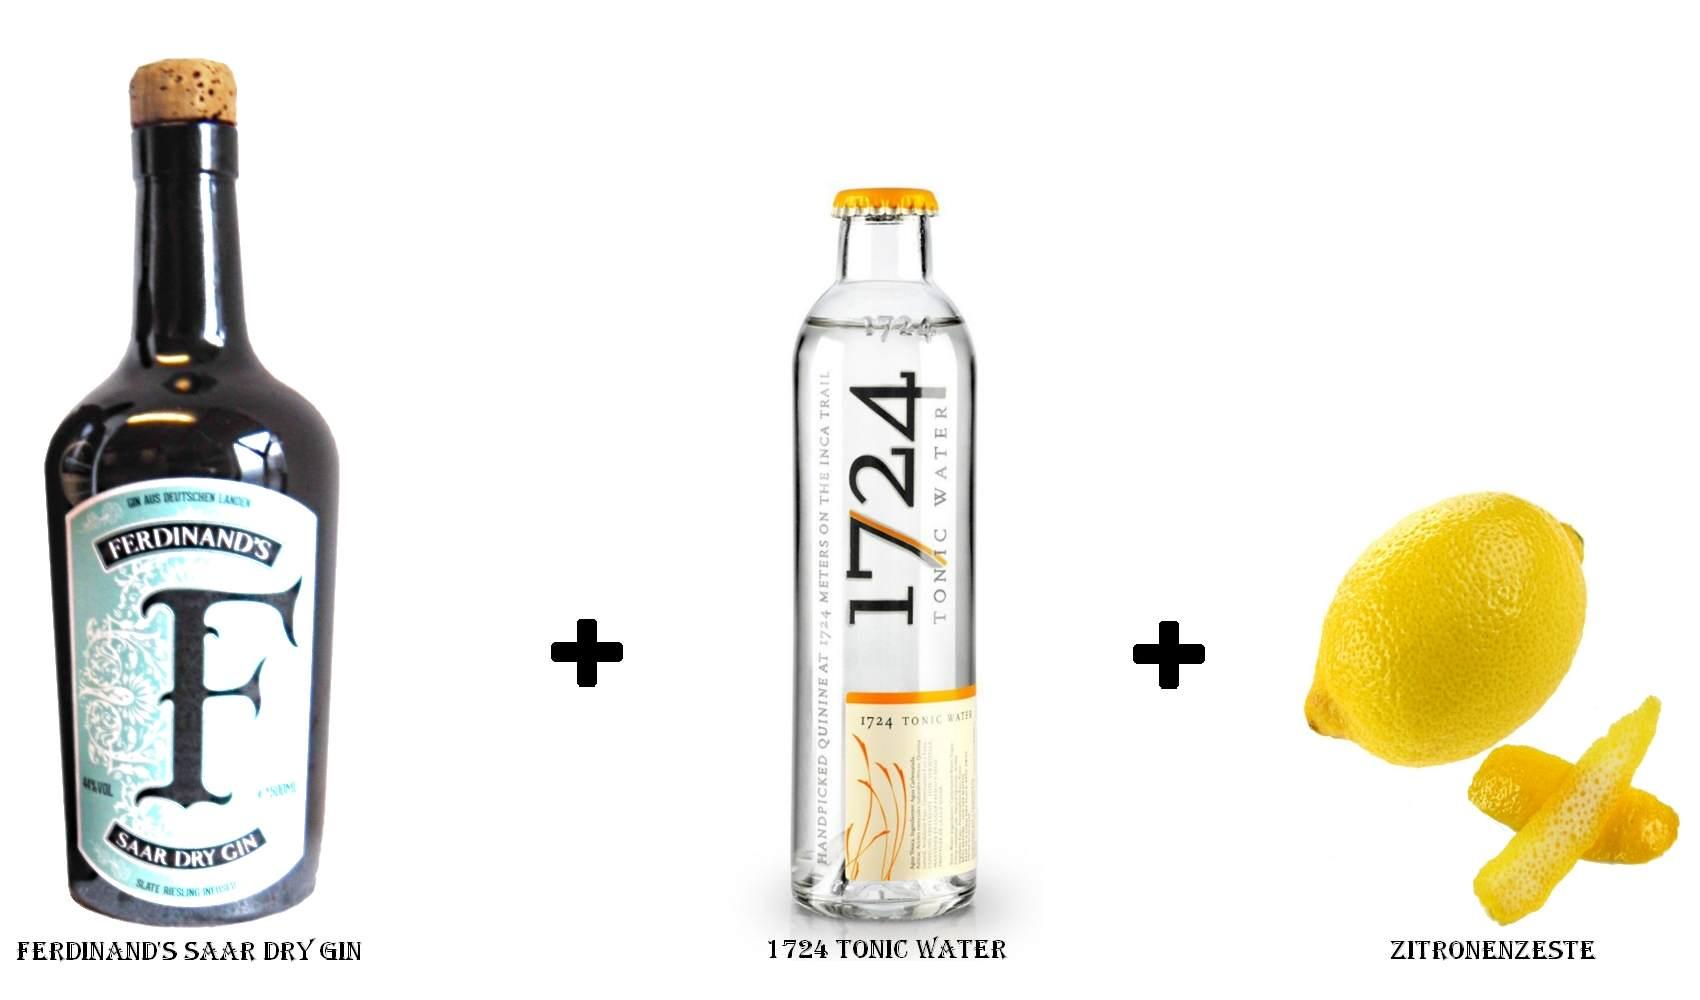 Ferdinand's Saar Dry Gin + 1724 Tonic Water + Zitronenzeste